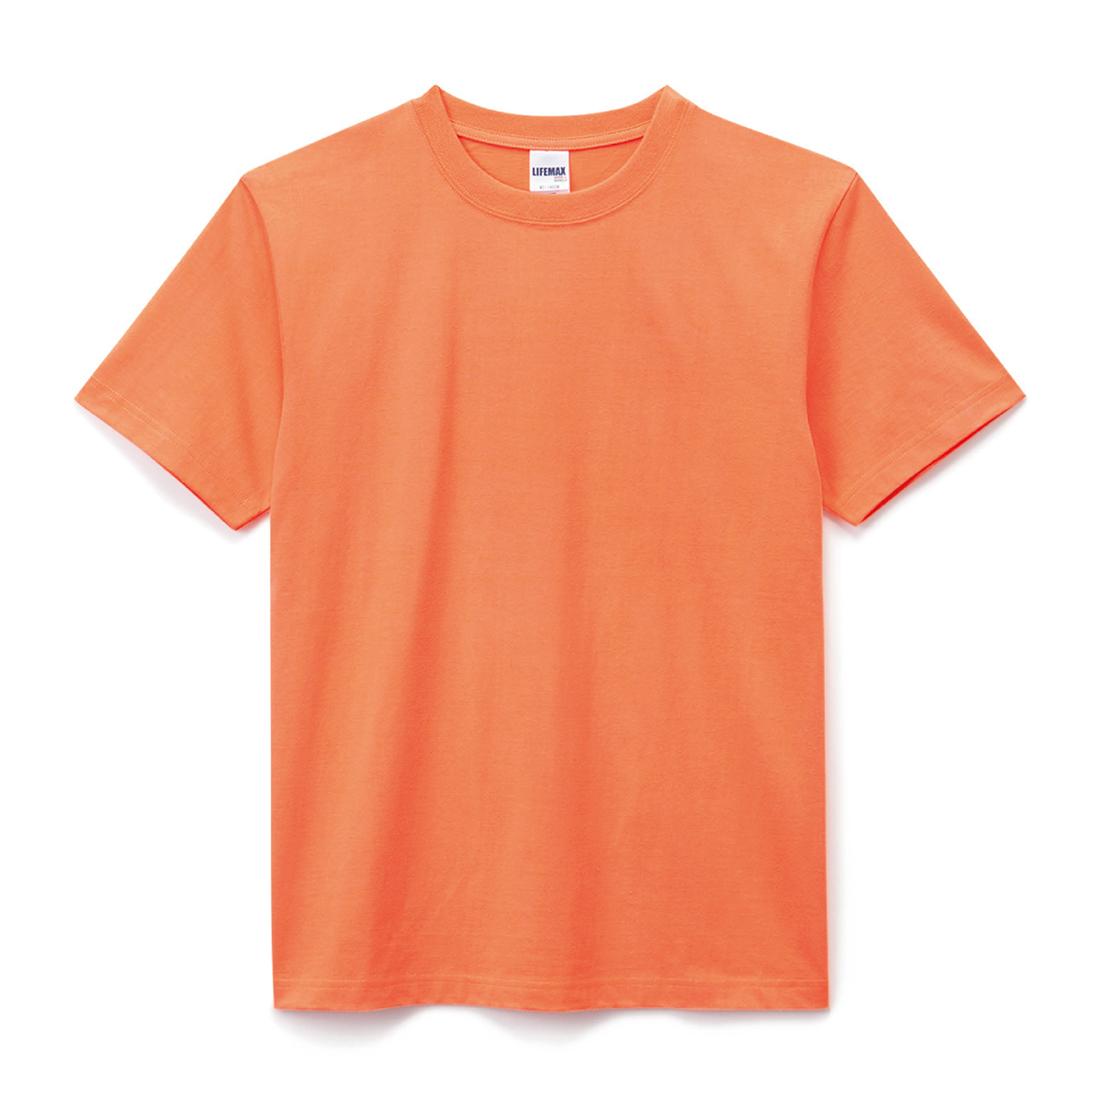 Tシャツ オレンジ